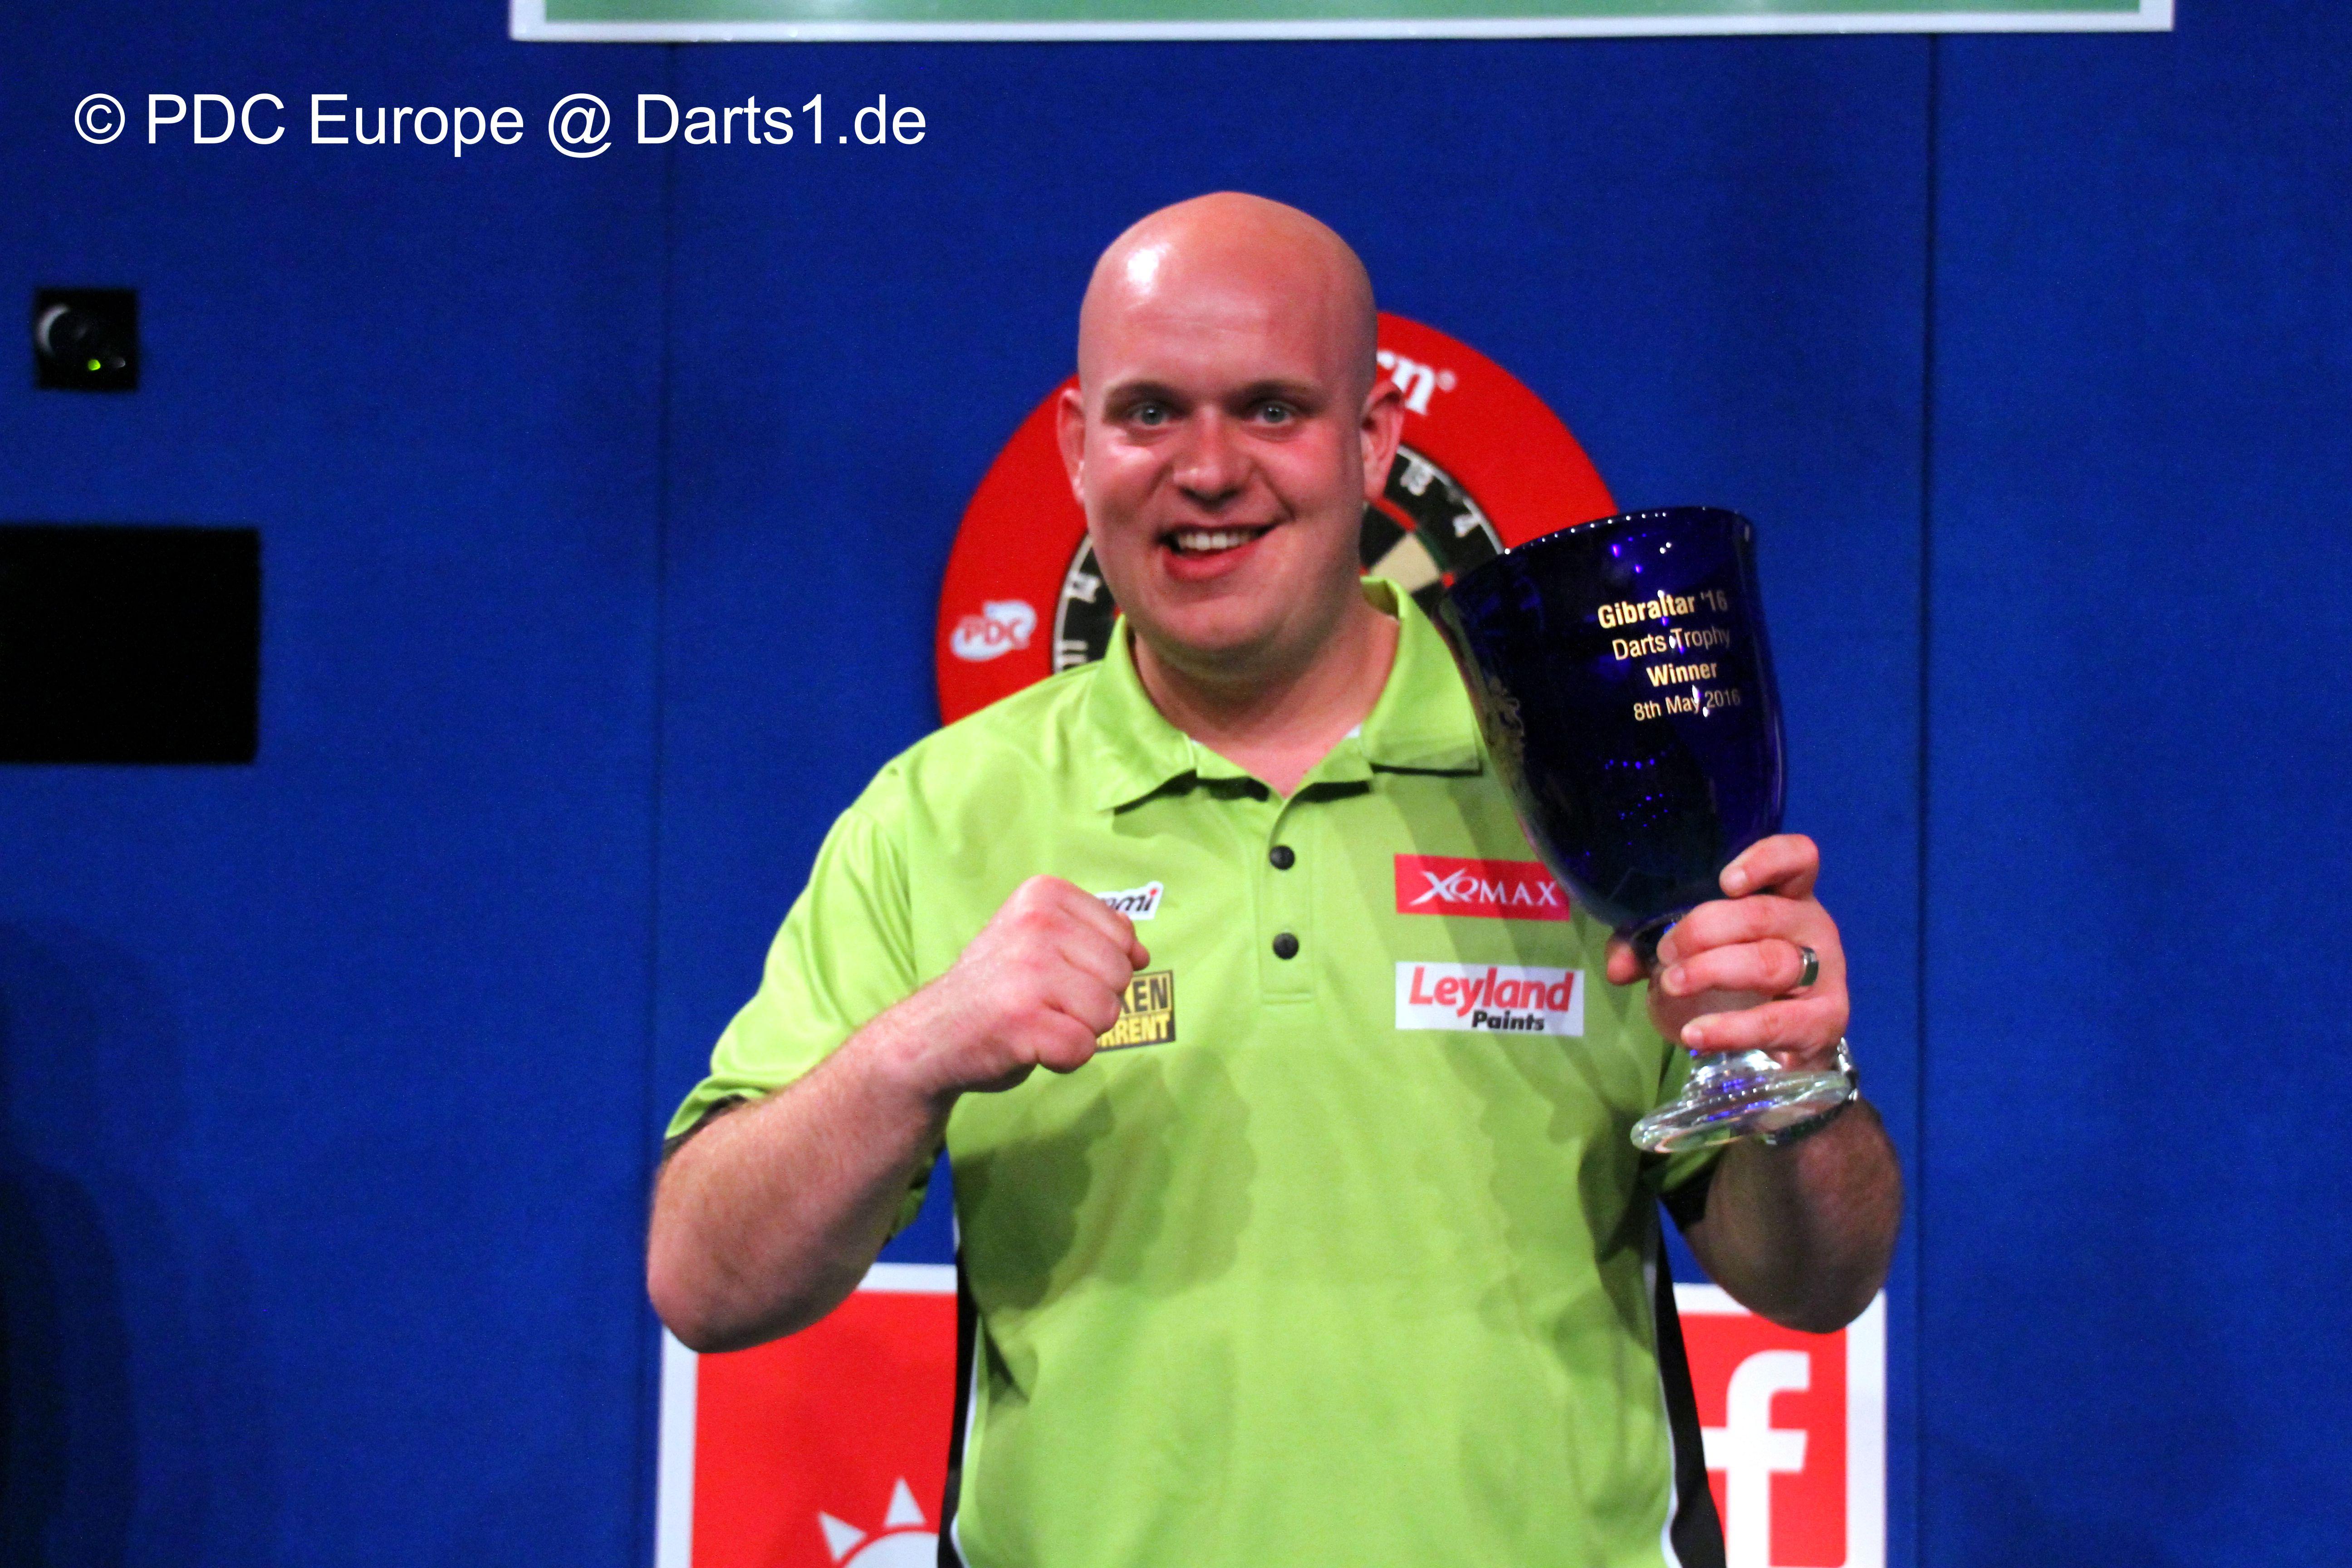 gibraltar darts trophy